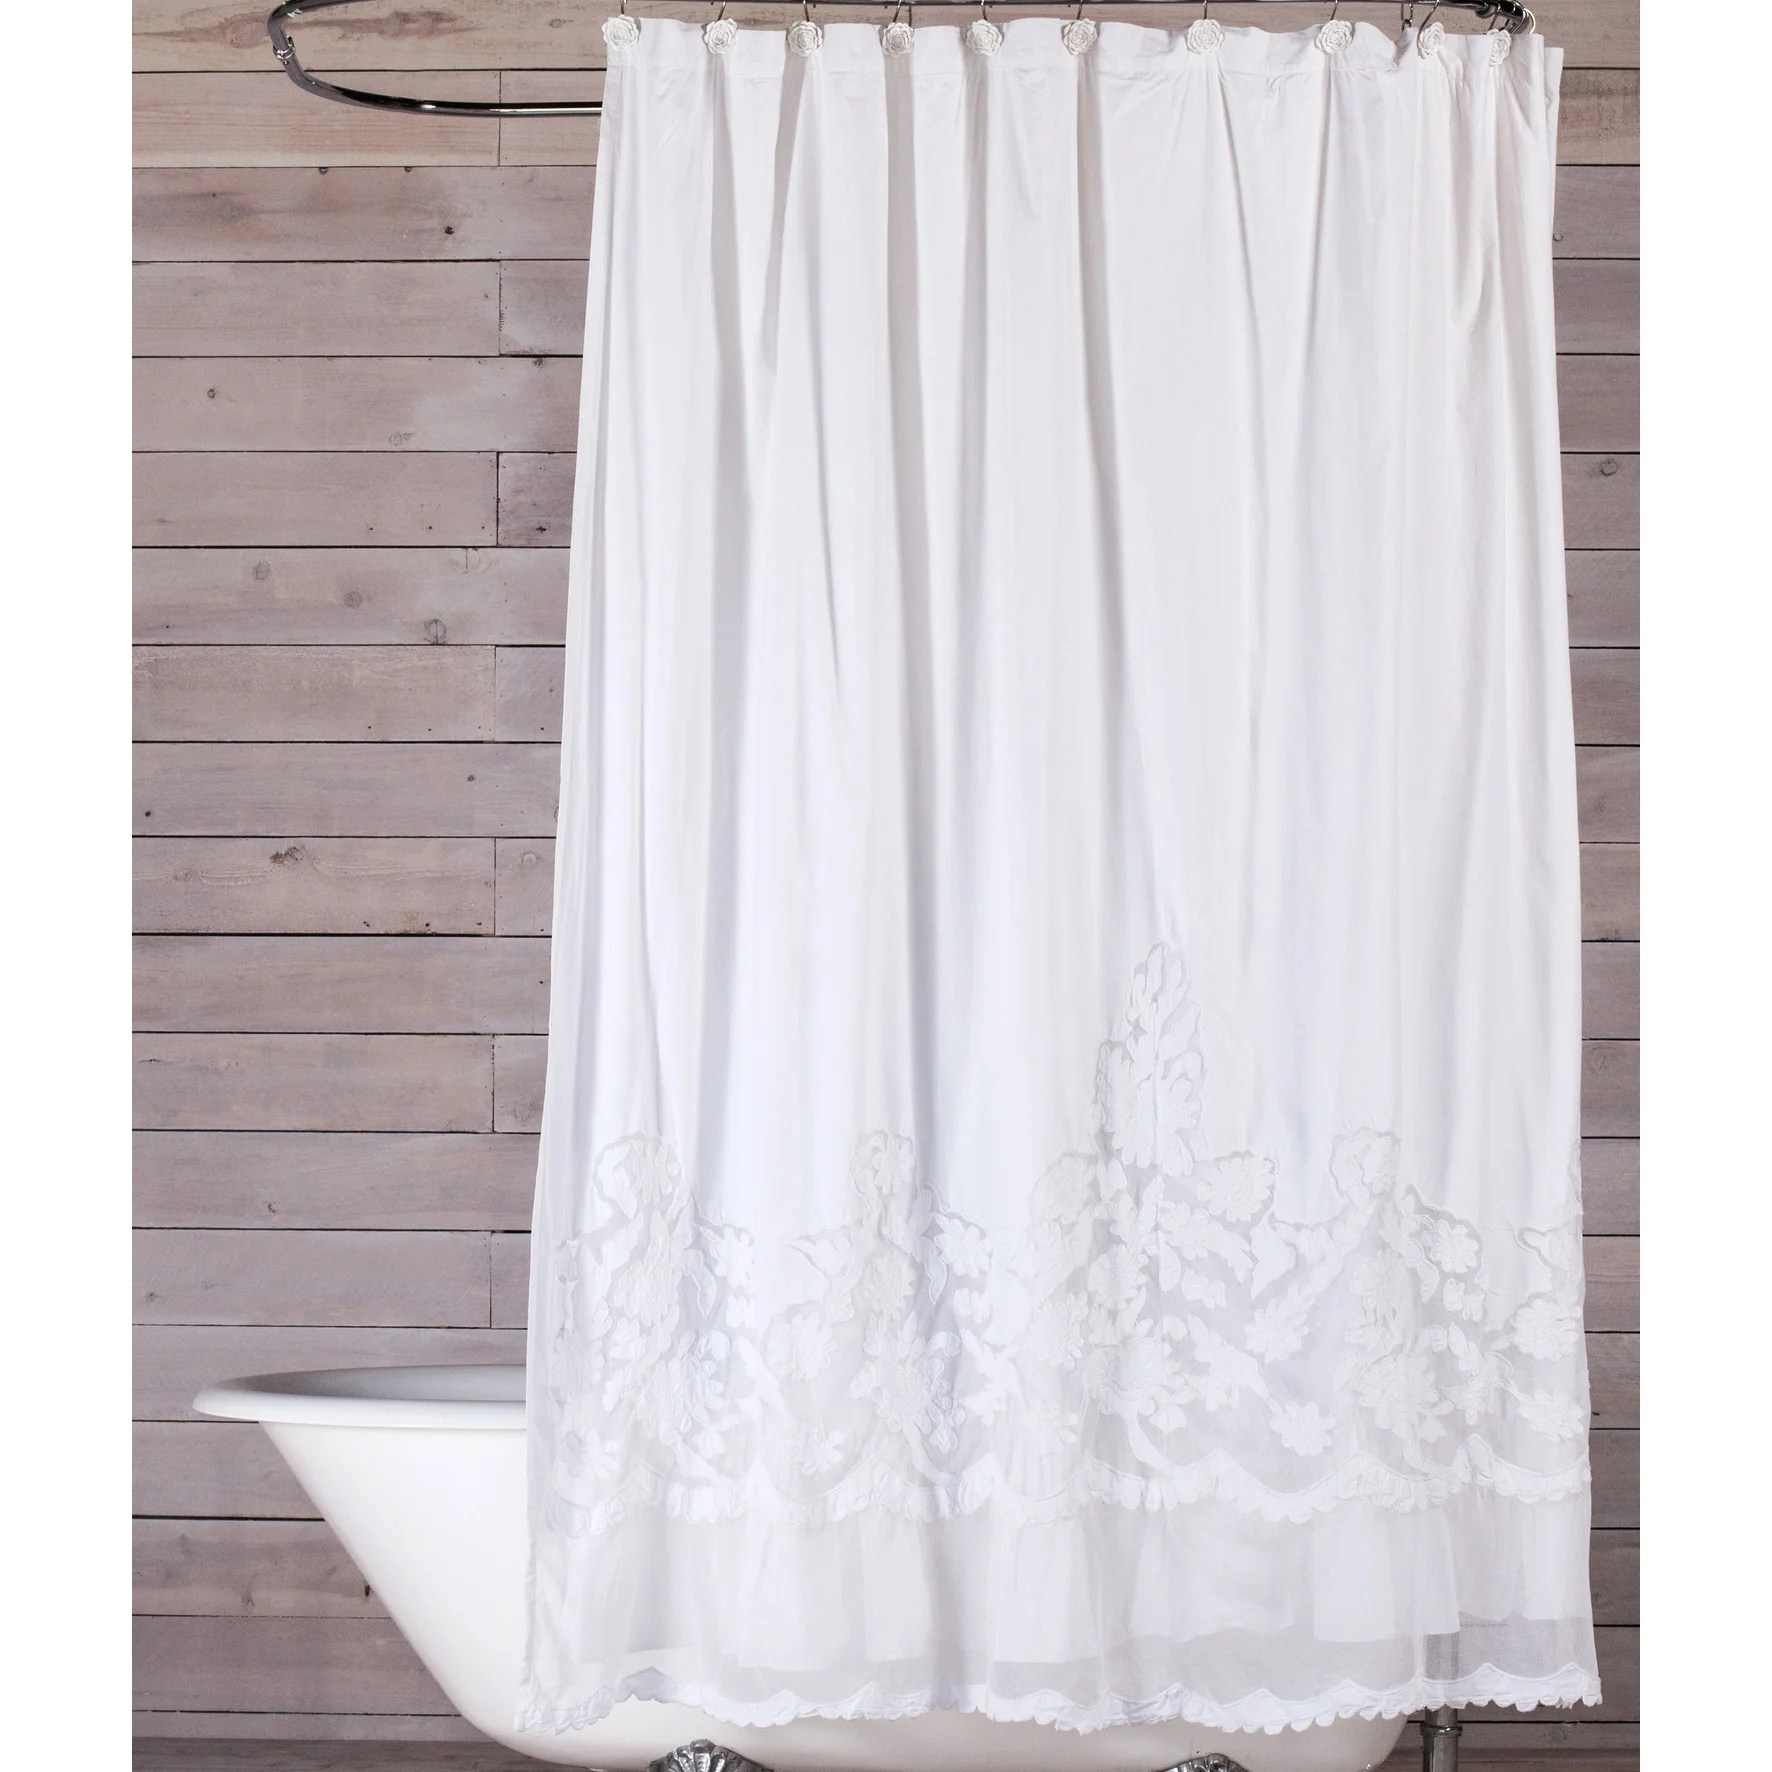 Pom Pom At Home Caprice Cotton Shower Curtain & Reviews Wayfair